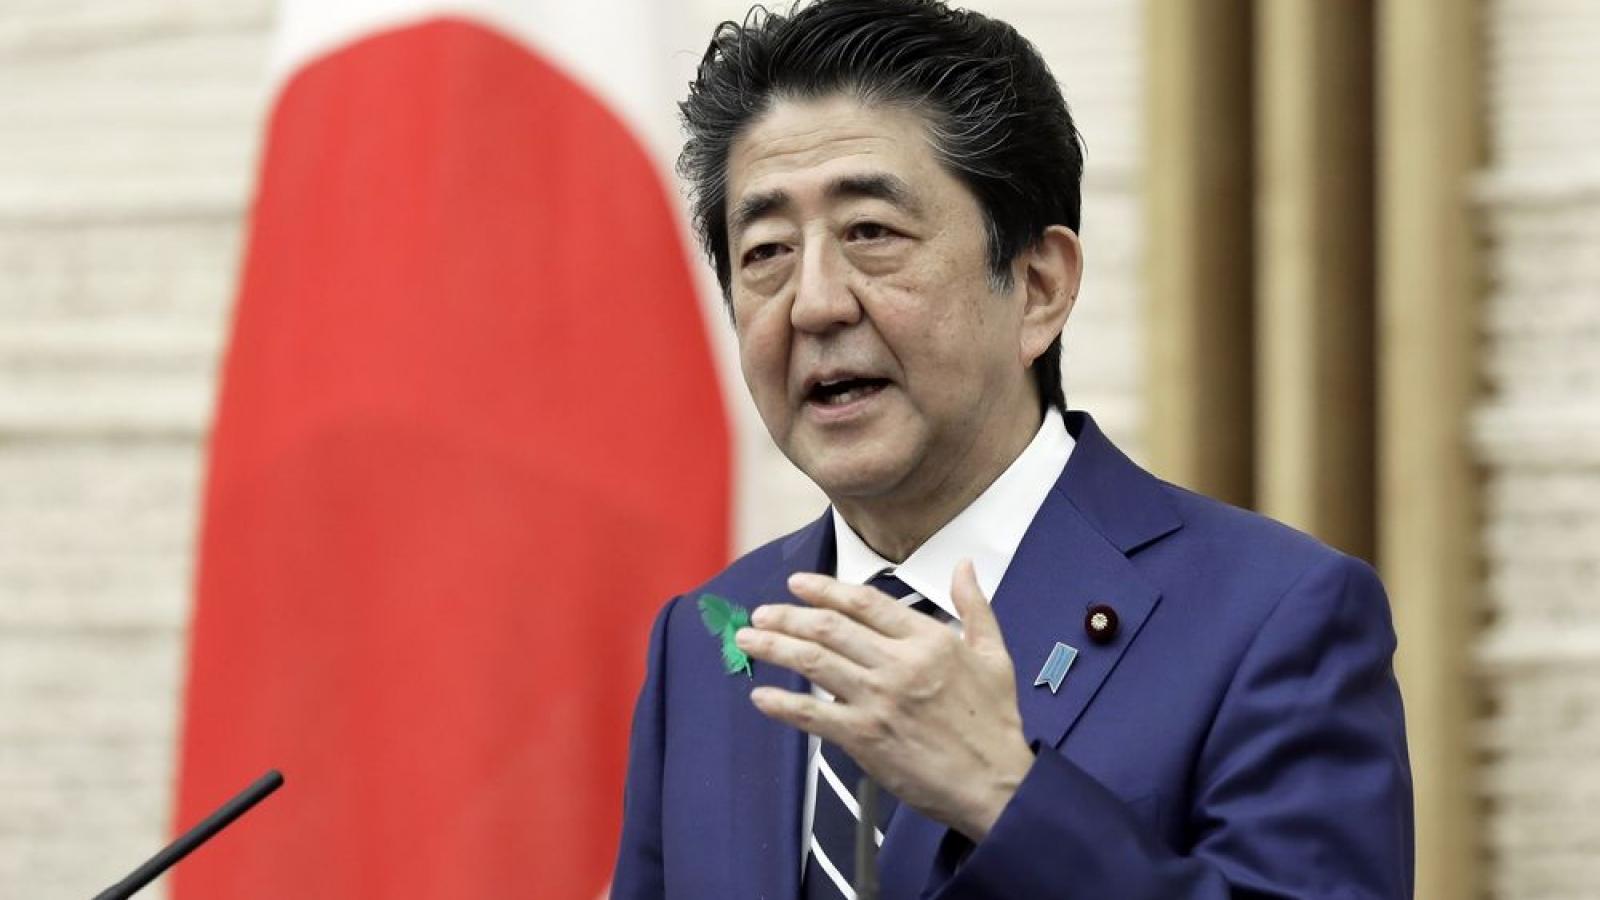 Cựu Thủ tướng Nhật Bản thăm đền Yasukuni lần đầu tiên kể từ năm 2013